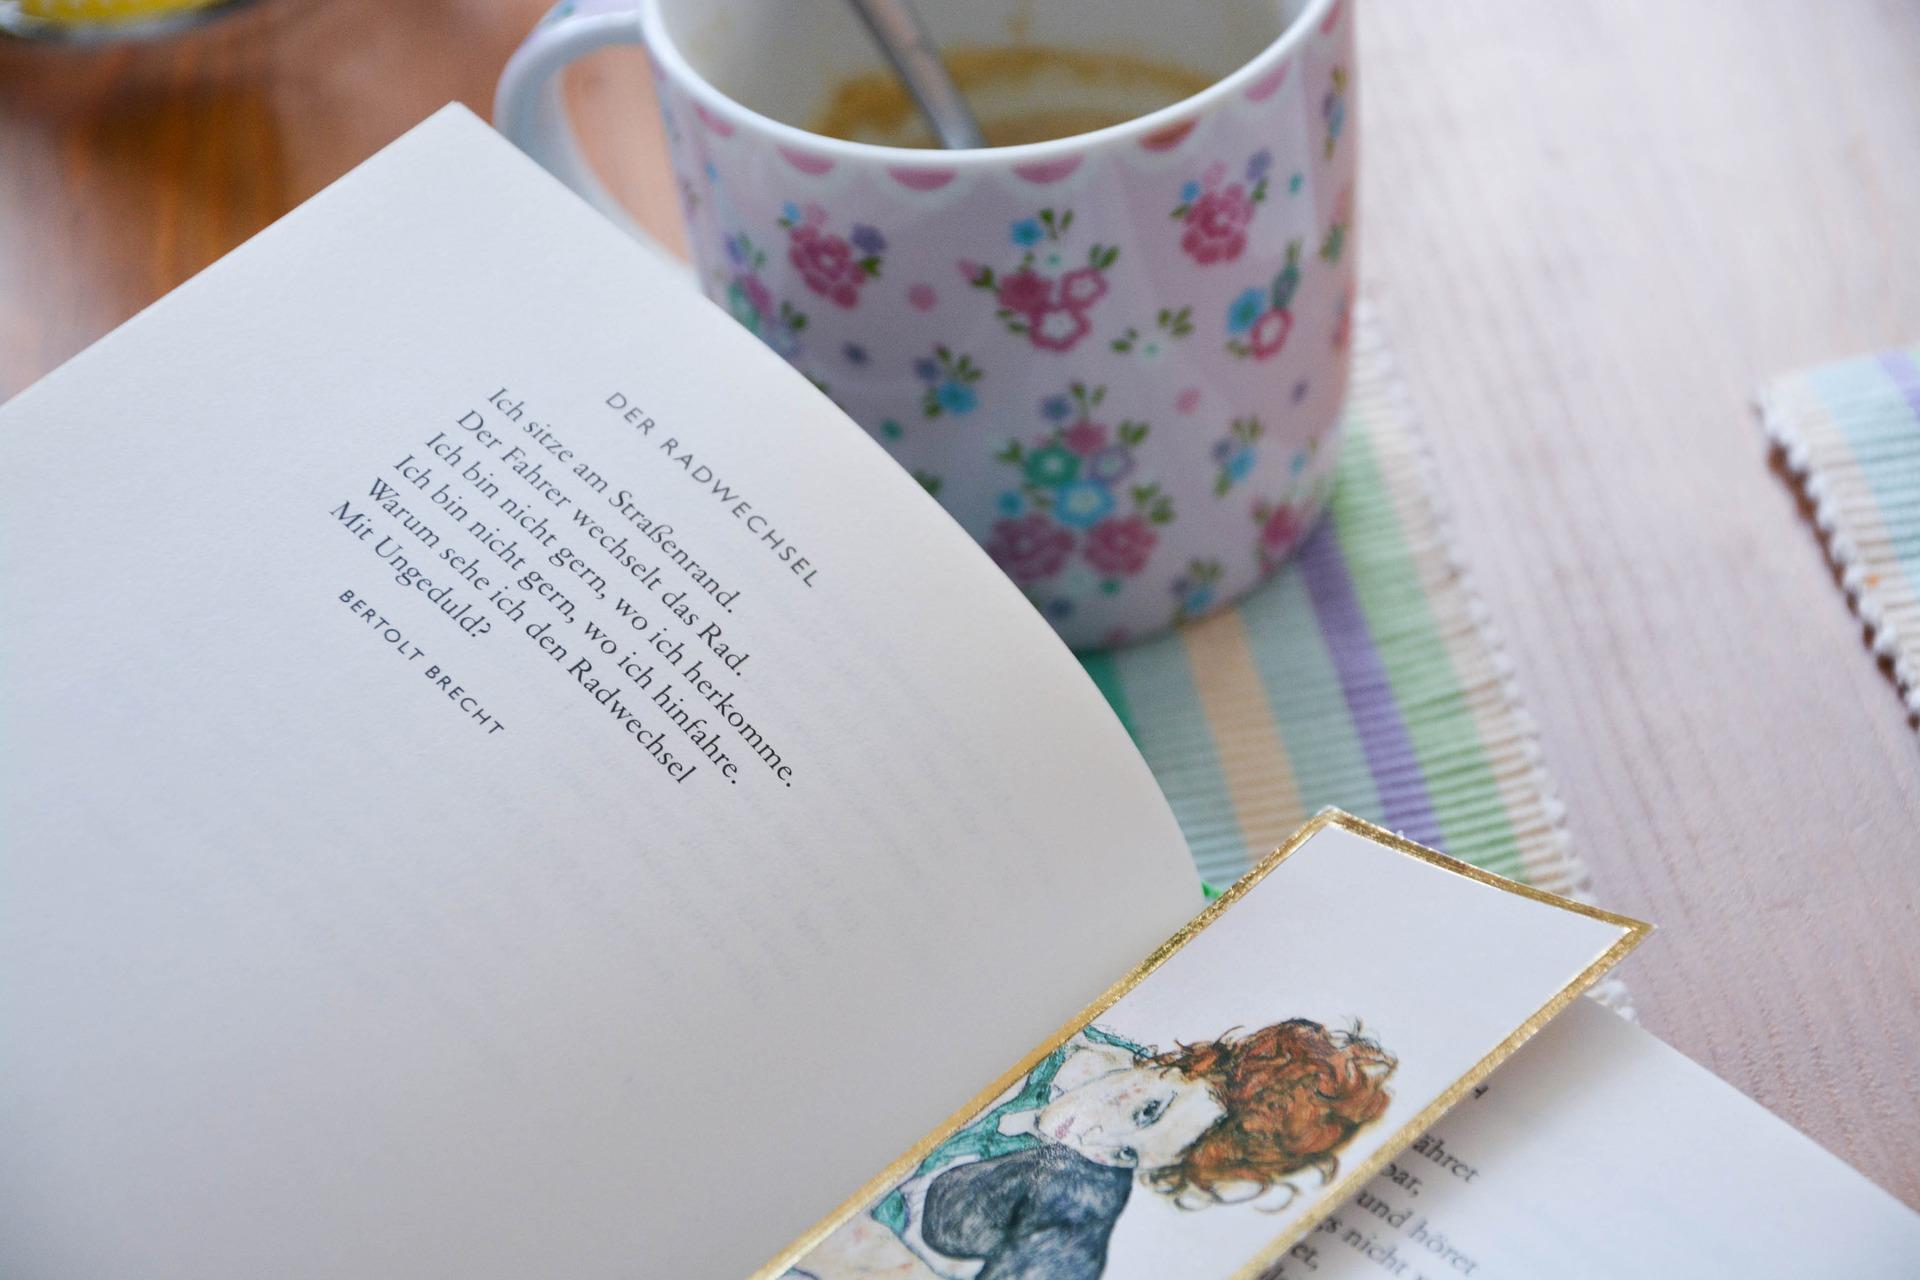 book-3983399_1920